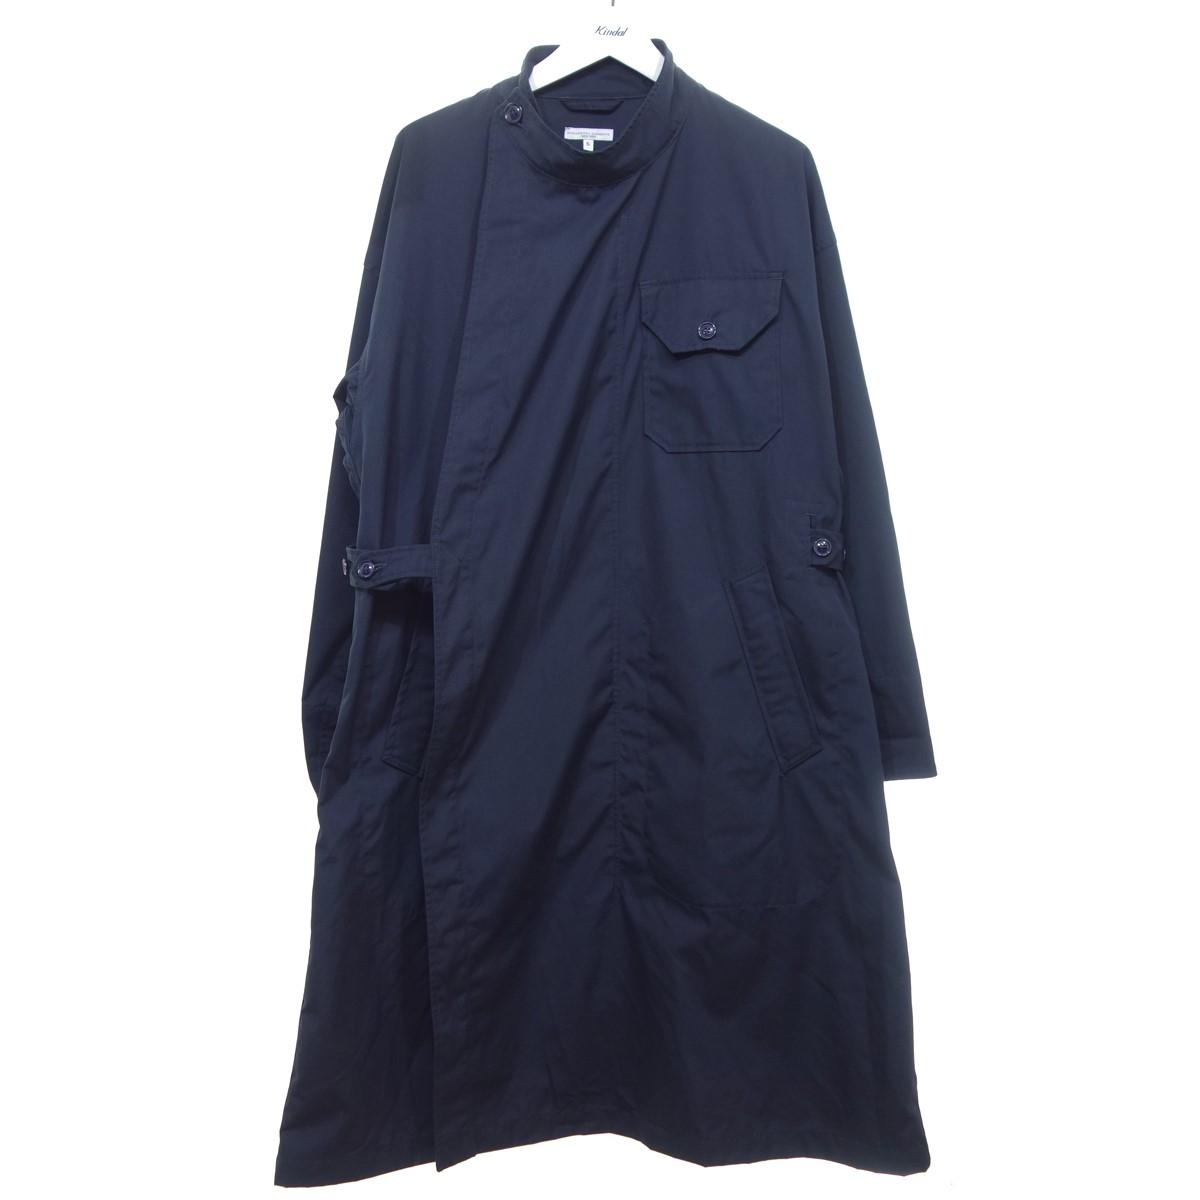 【中古】Engineered Garments 【2020S/S】 MG Coat PC Poplin MGコート ネイビー サイズ:S 【180620】(エンジニアードガーメンツ)